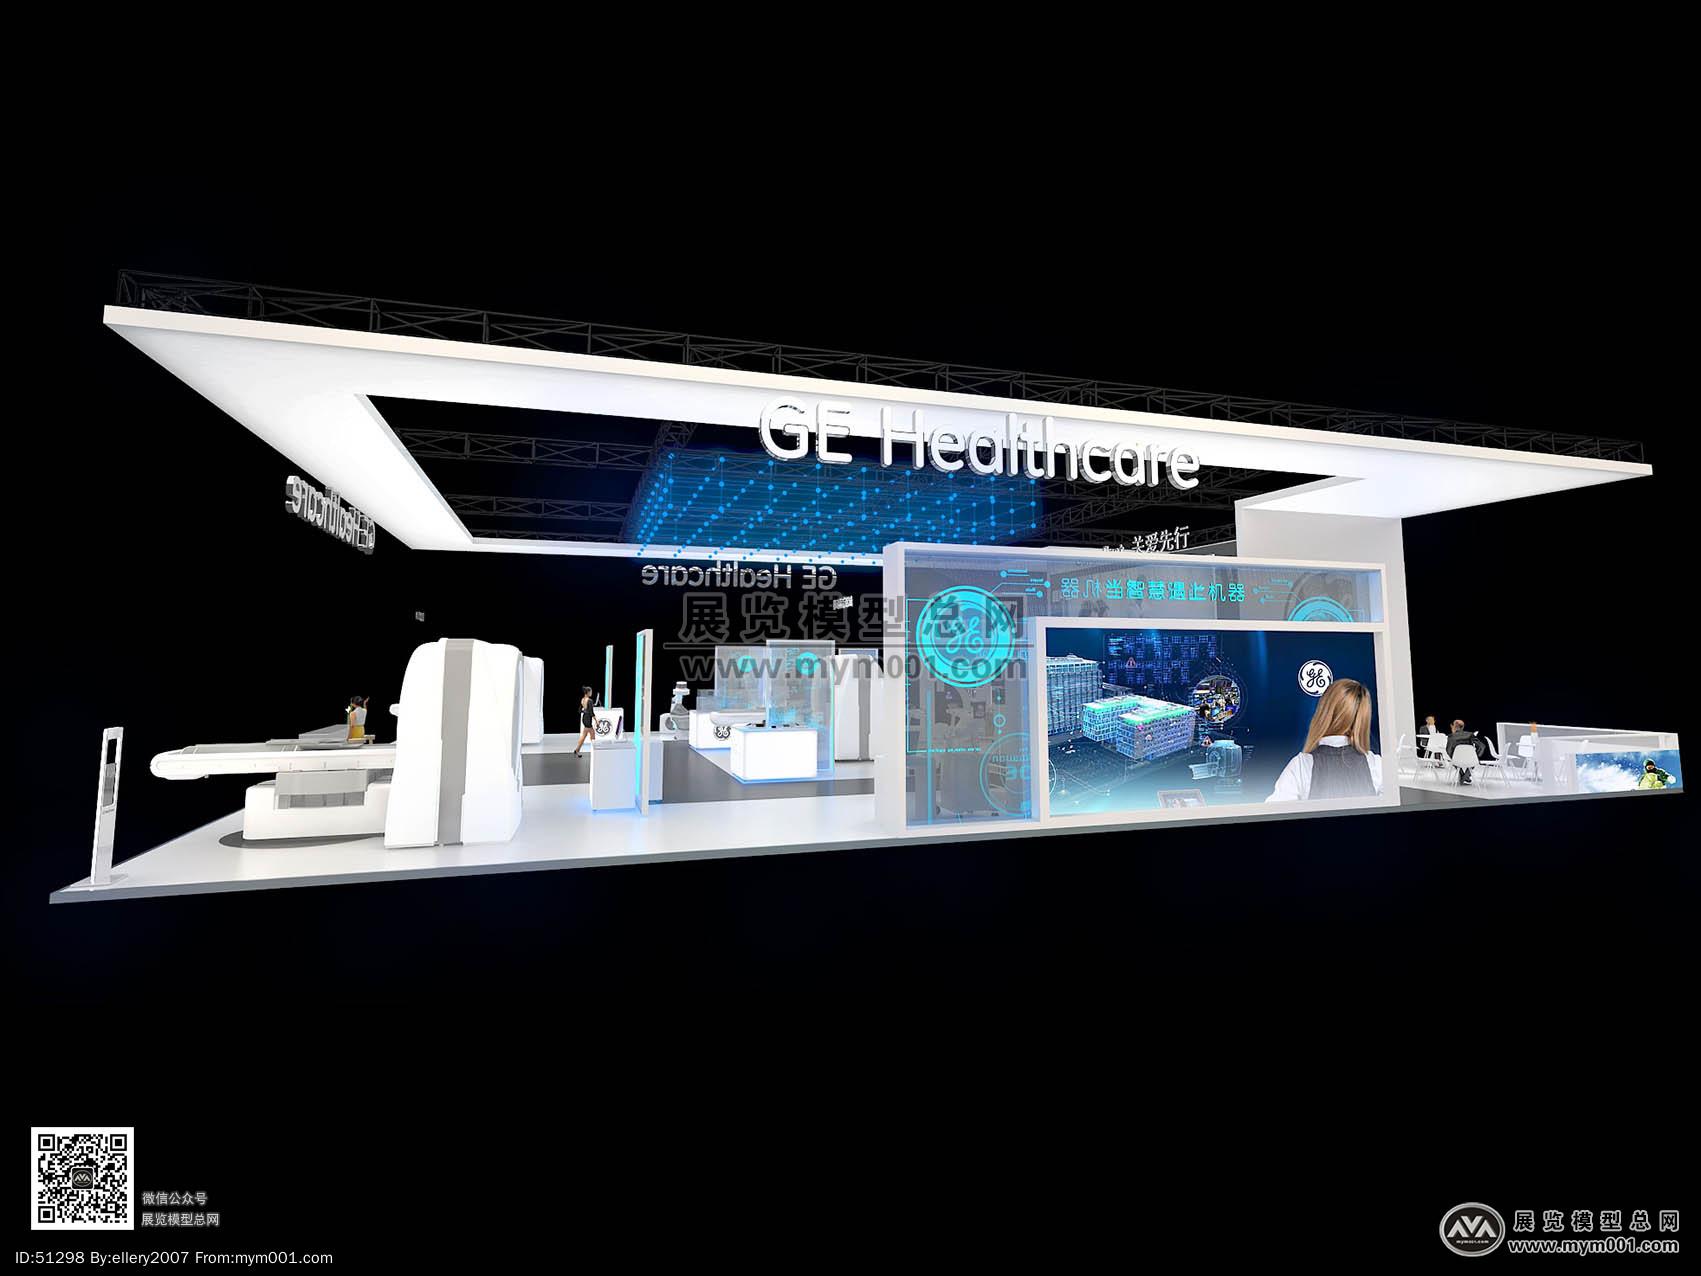 GE Healthcate展台模型